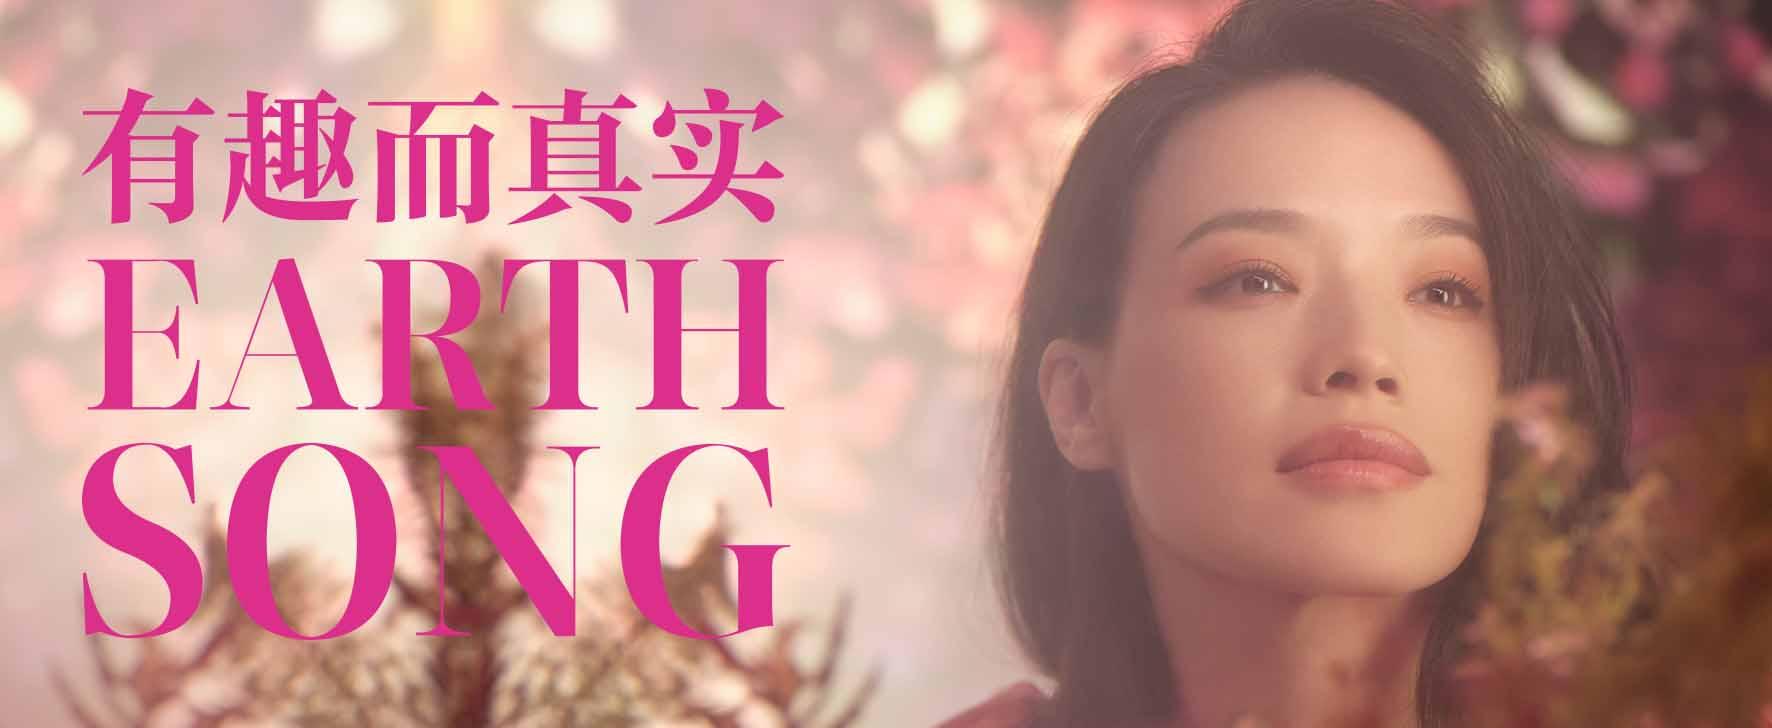 聚风尚官网_美妆频道 - 凤凰生活官网_打造高端生活最具影响力的网络平台